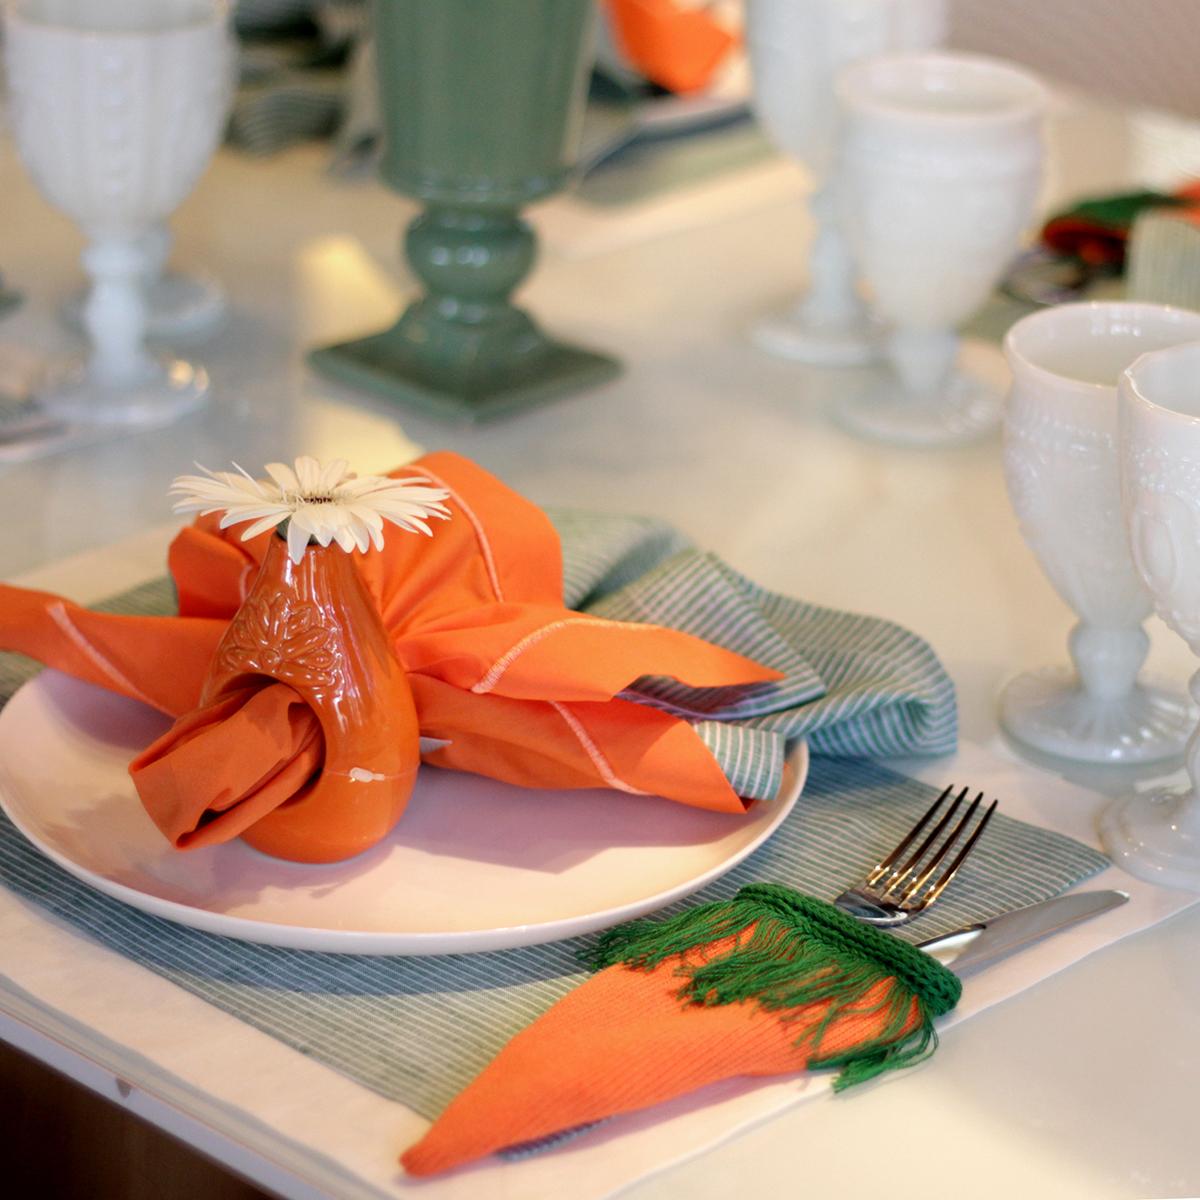 Teller mit orangener Deko - Servietten Falten